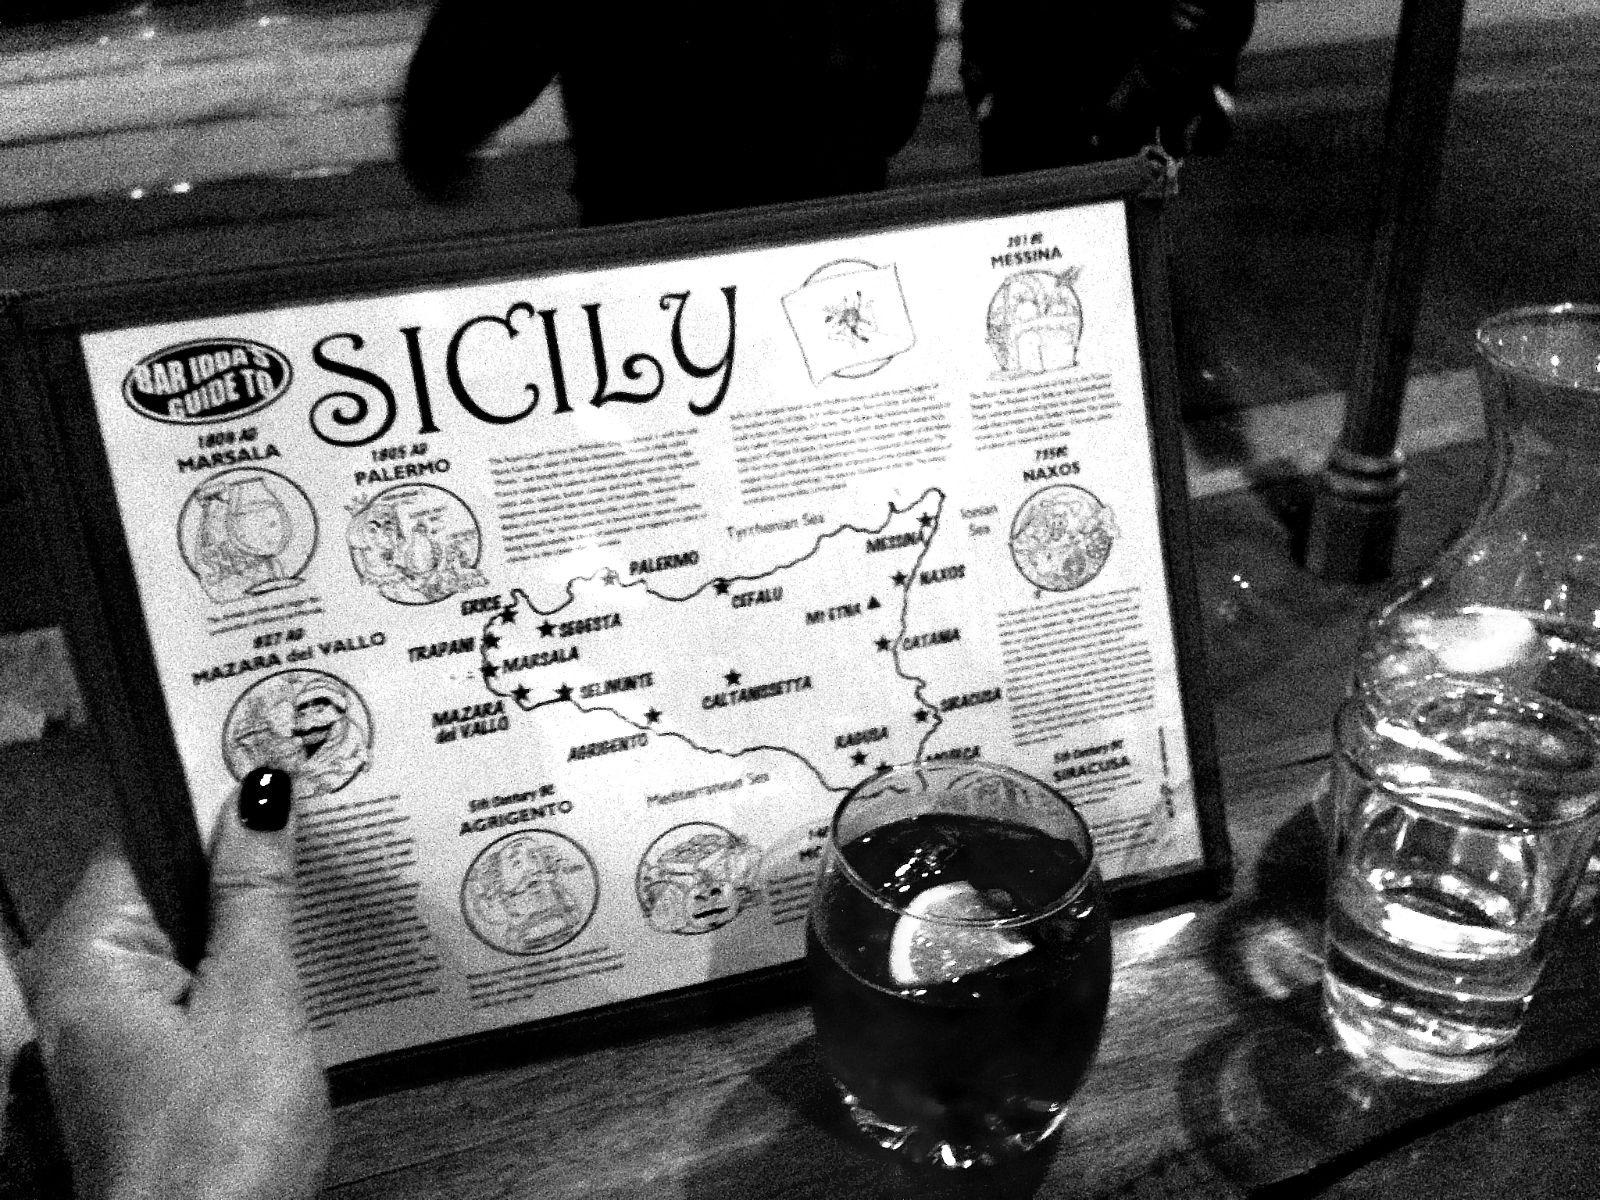 Cannoli Siciliani, zeppole and a whole lot more at Bar Idda